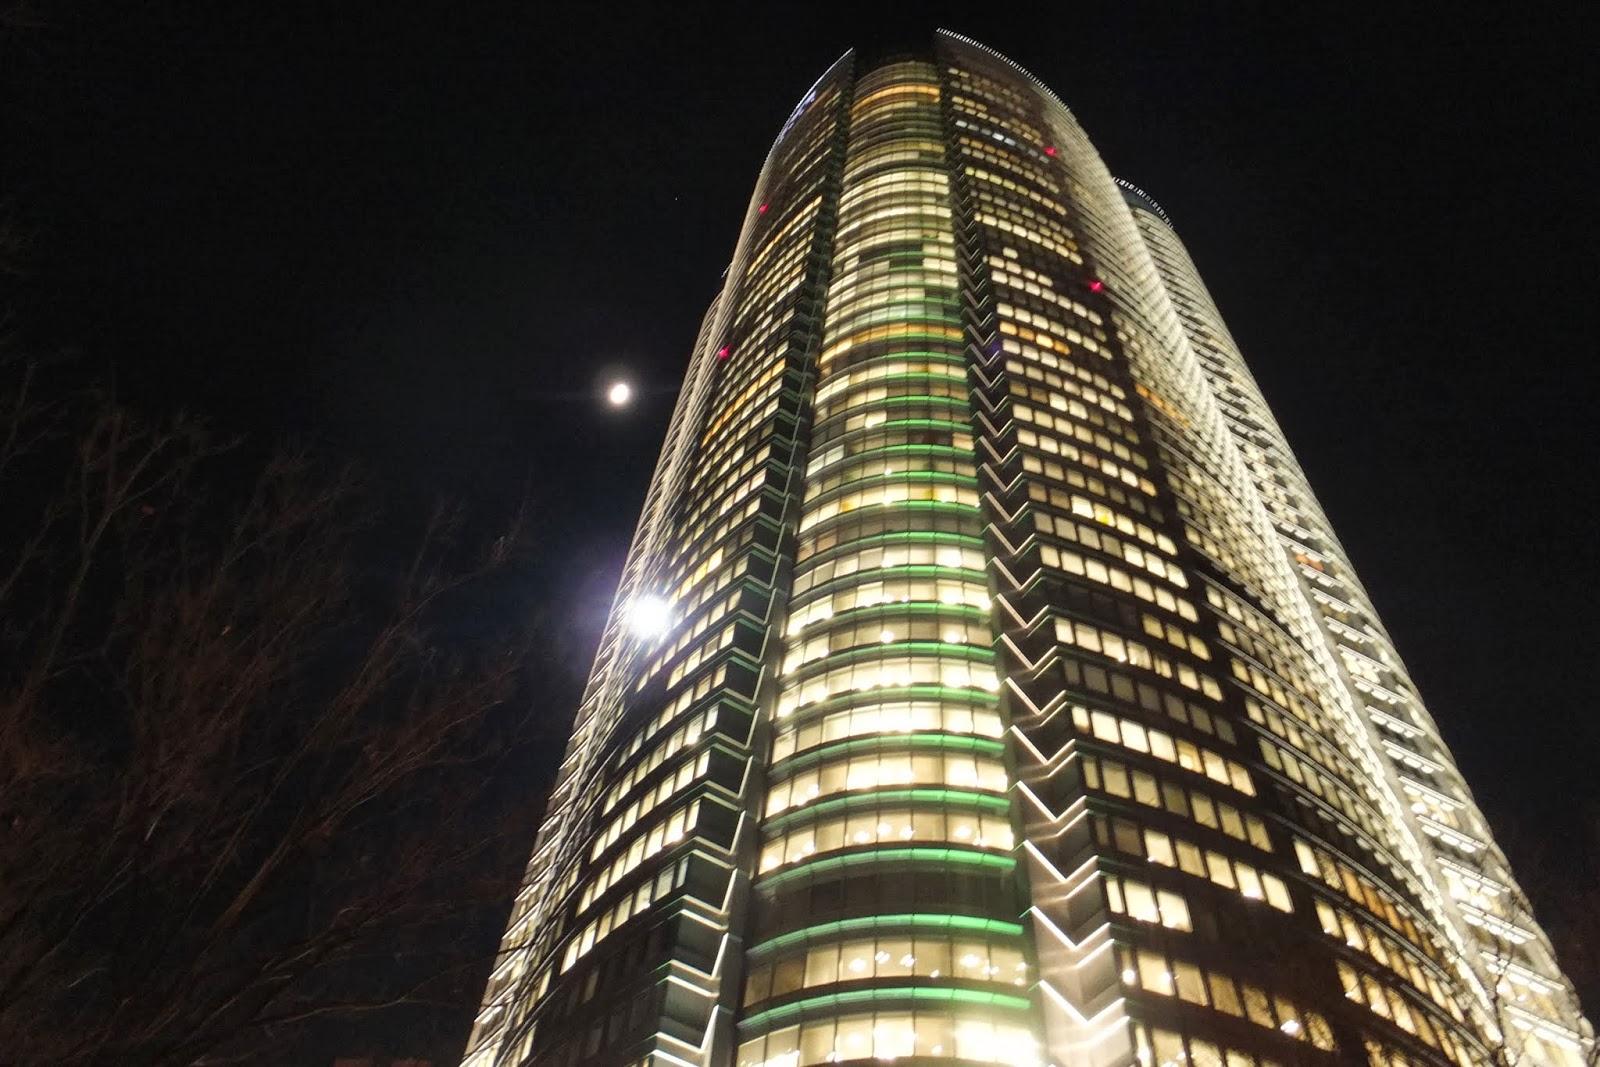 六本木ヒルズ森タワー Roppongi Hills